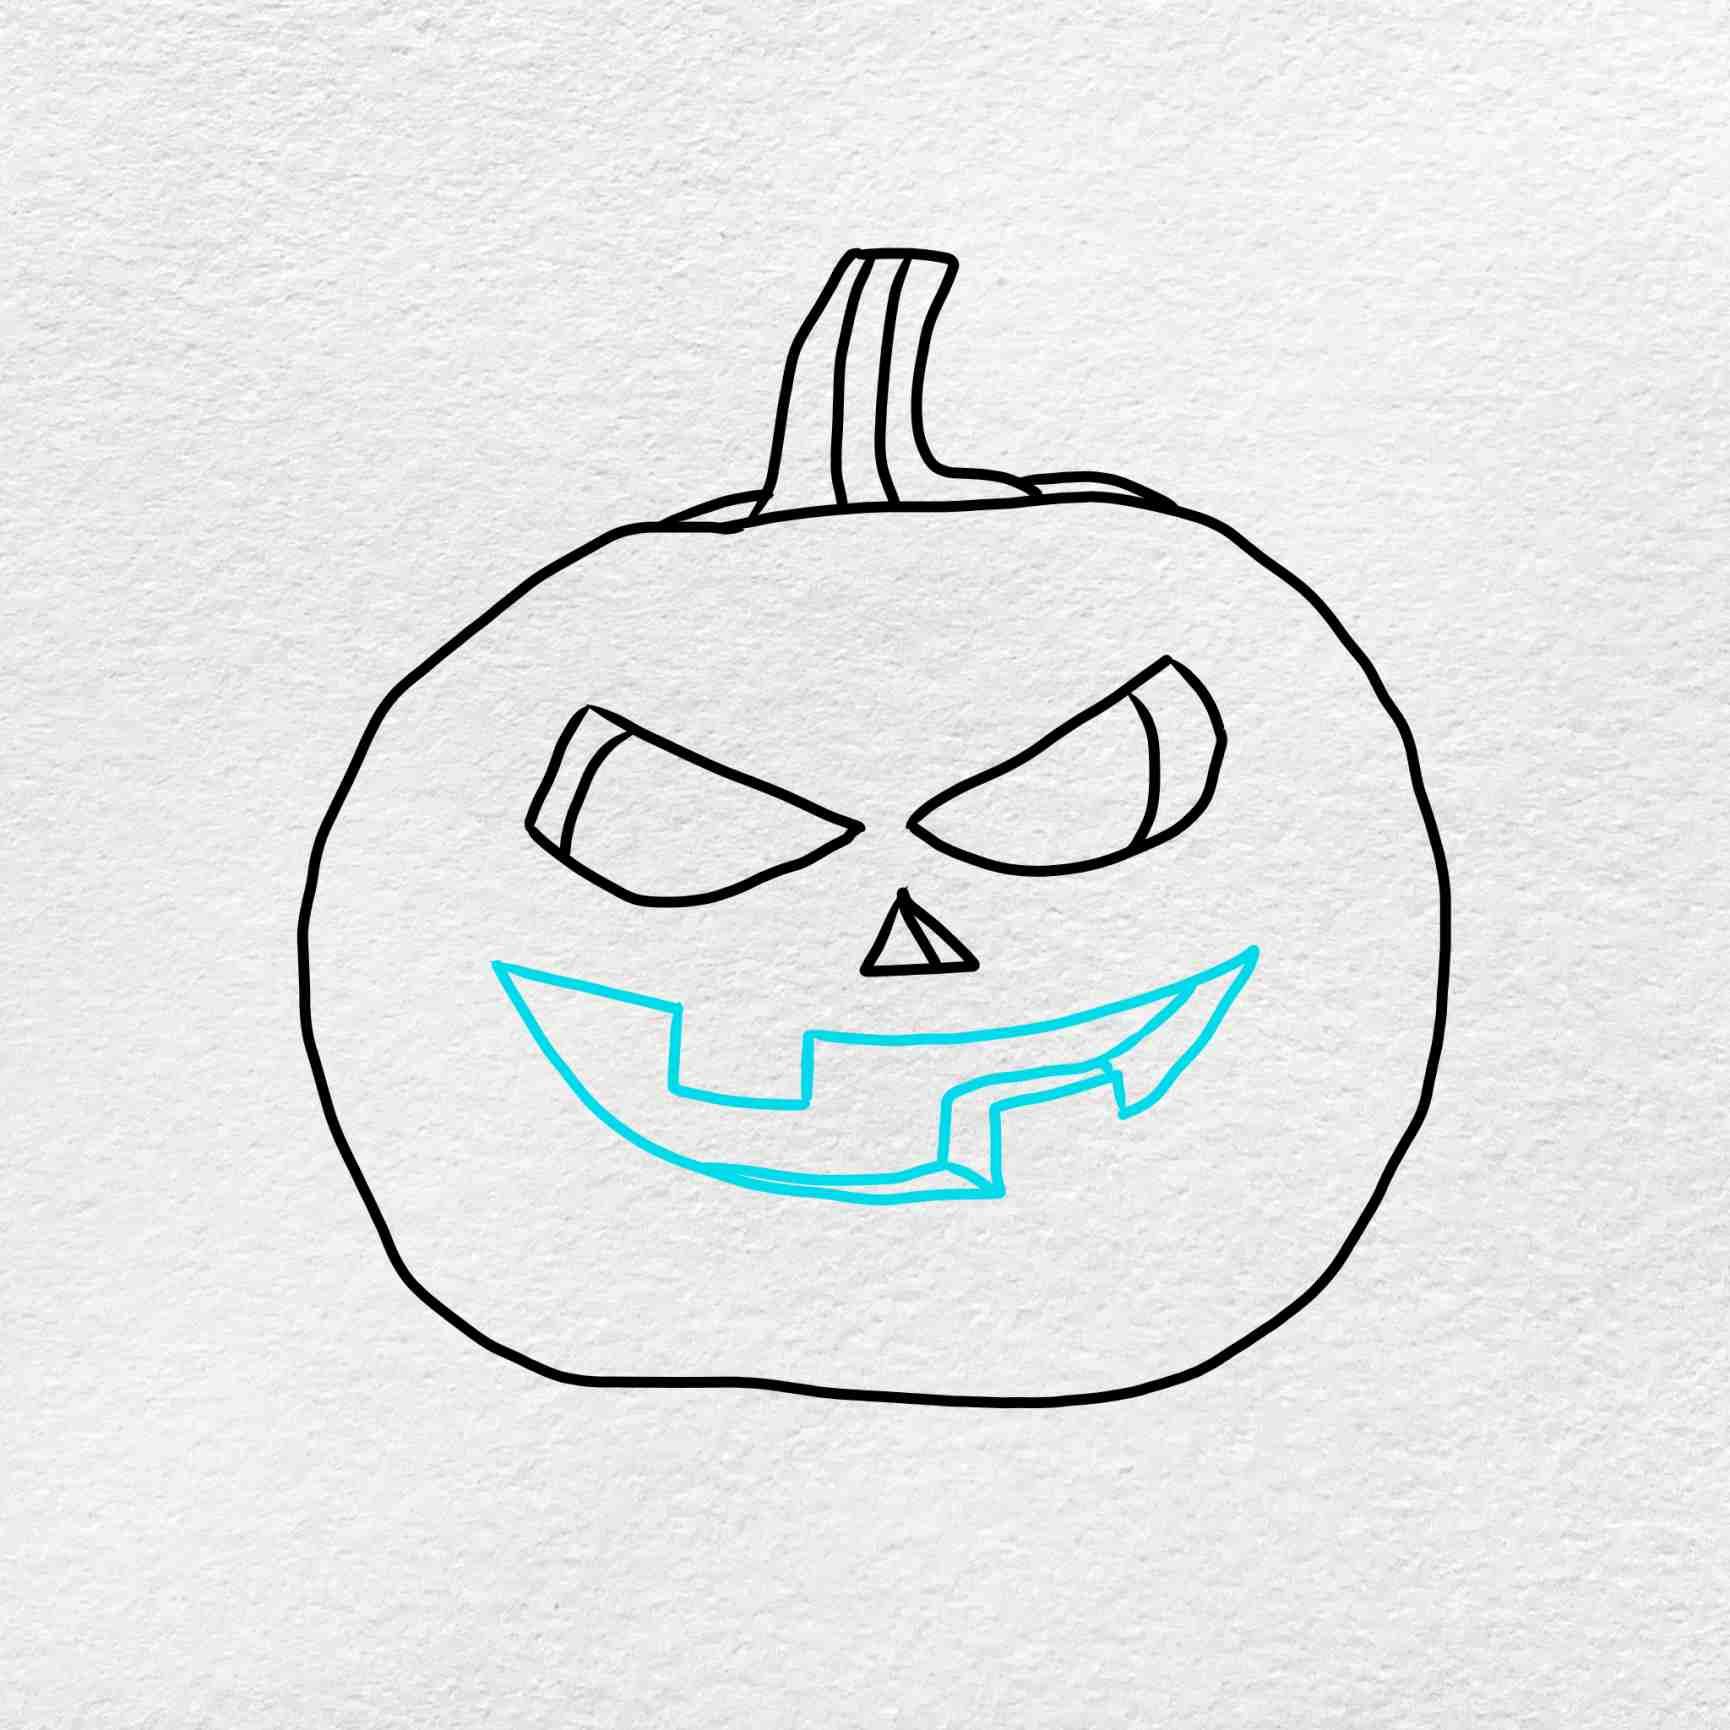 Draw A Pumpkin Face: Step 4